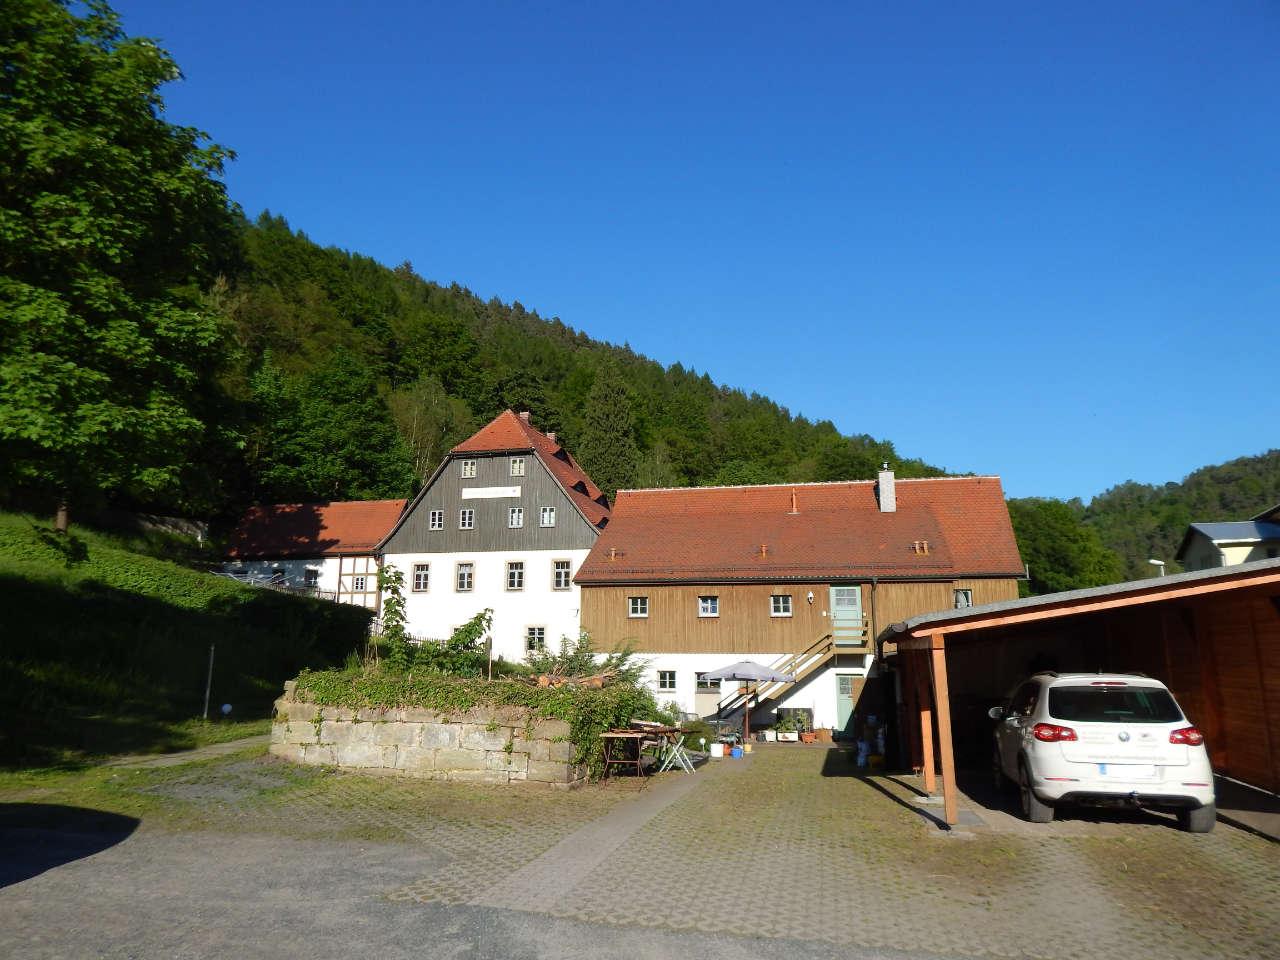 Erfahrungsbericht Pension Schwenkehof, Königstein, Sächsische Schweiz